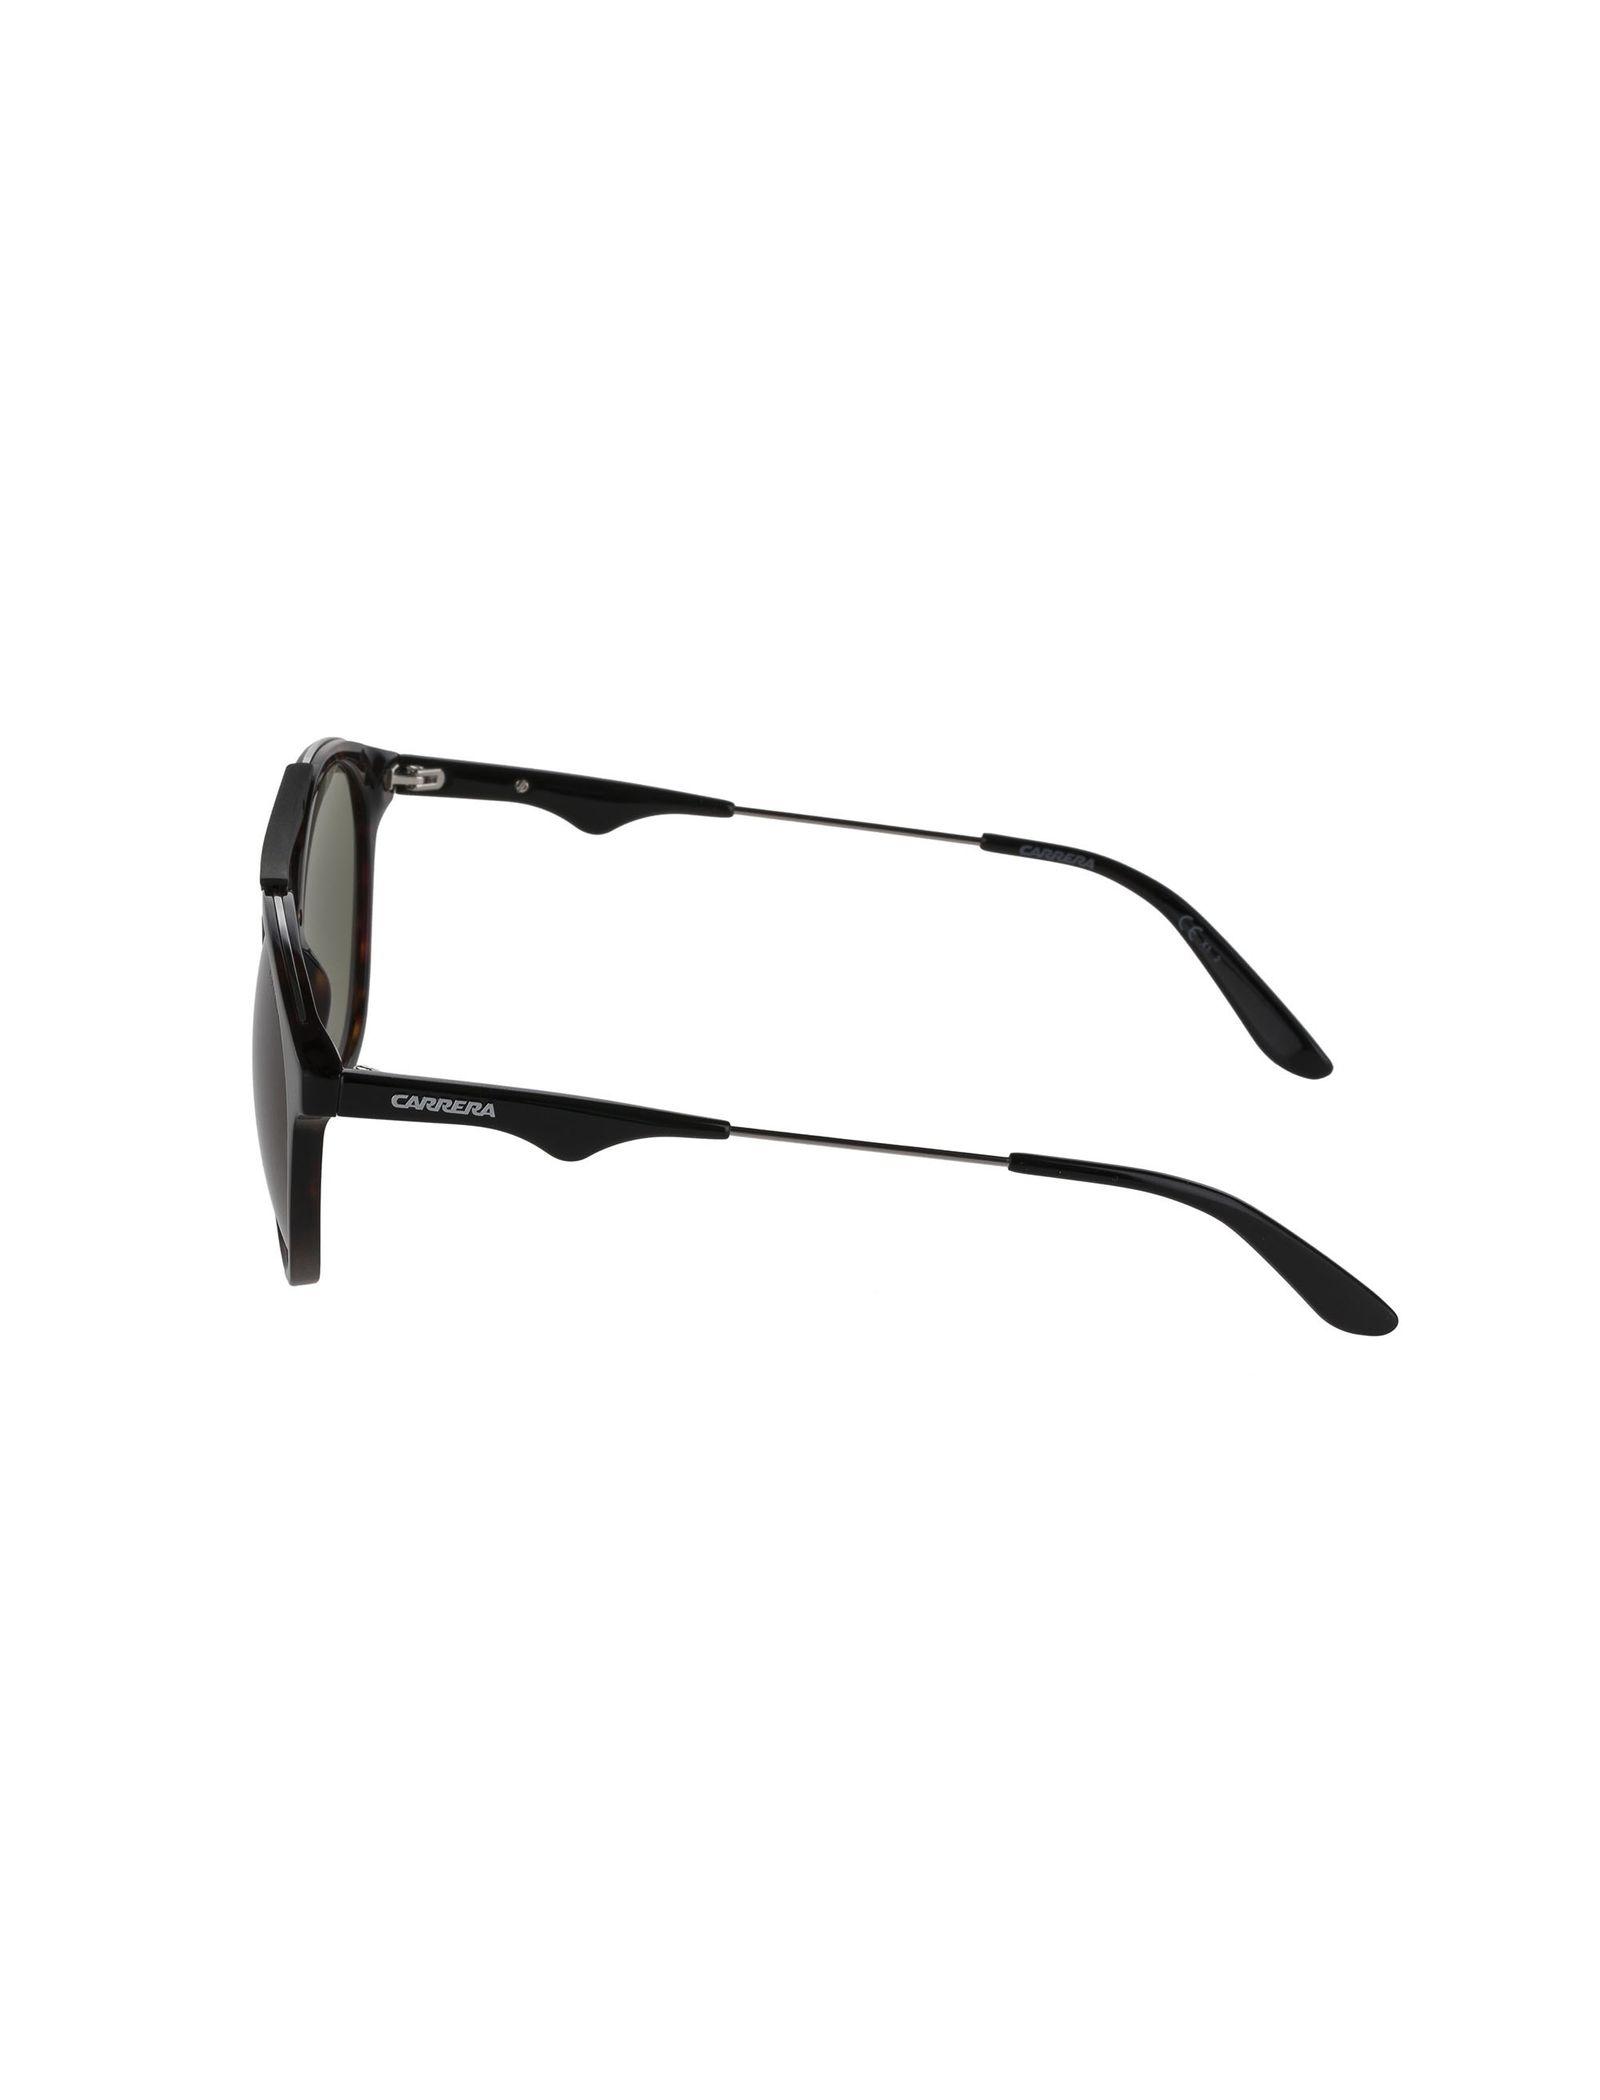 عینک آفتابی پنتوس بزرگسال - کاررا - قهوه اي لاک پشتي - 3